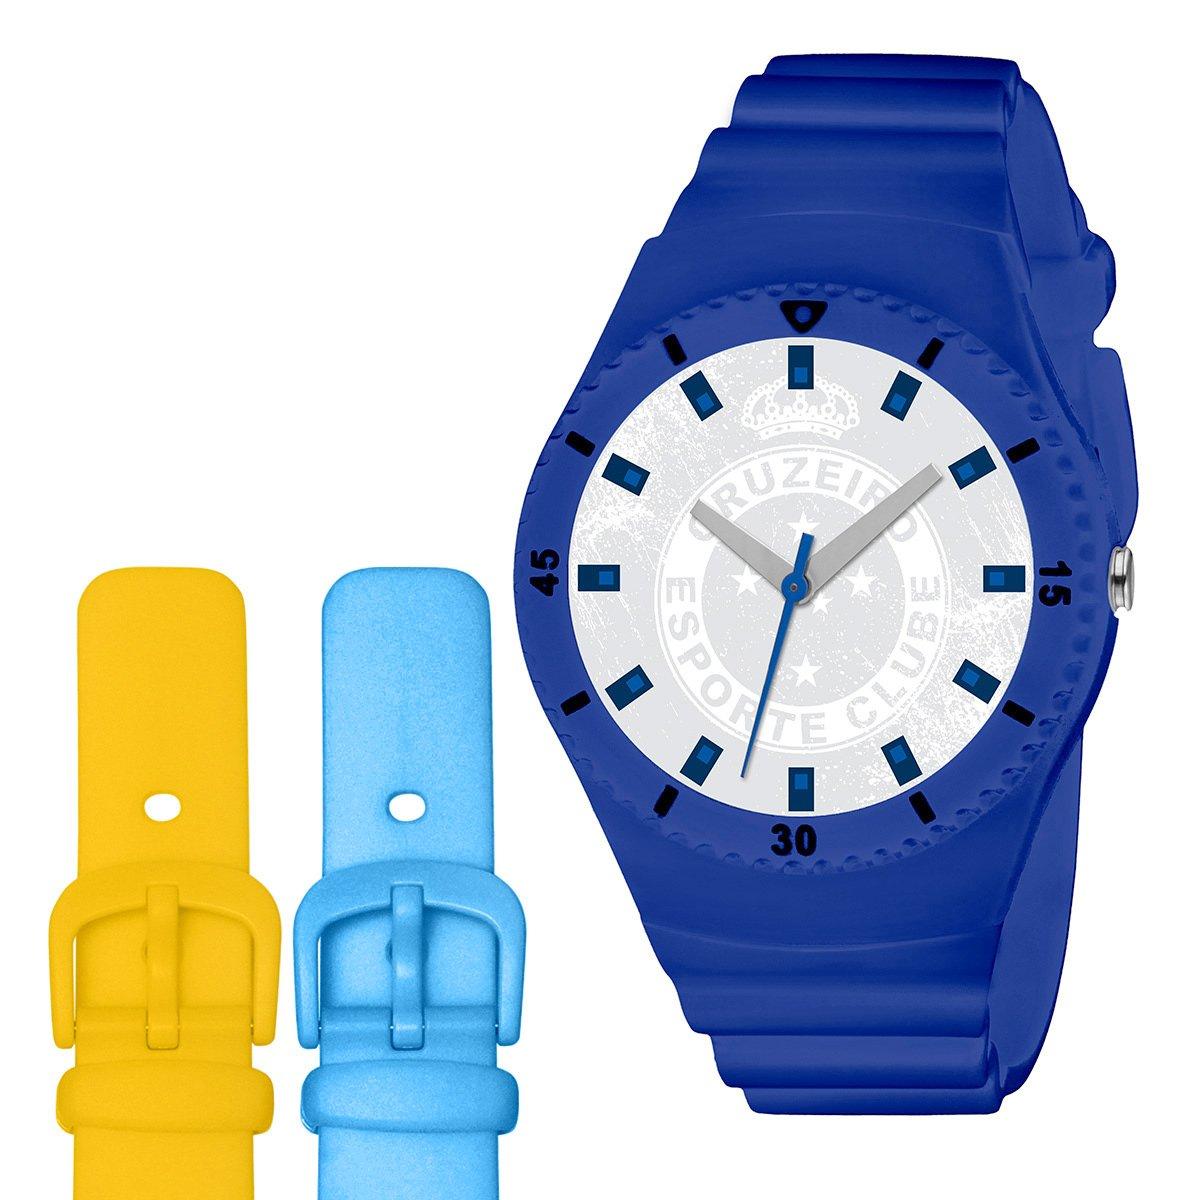 bcba43ddc0f Relógio Cruzeiro Technos Analógico com Pulseira para Troca - Compre Agora